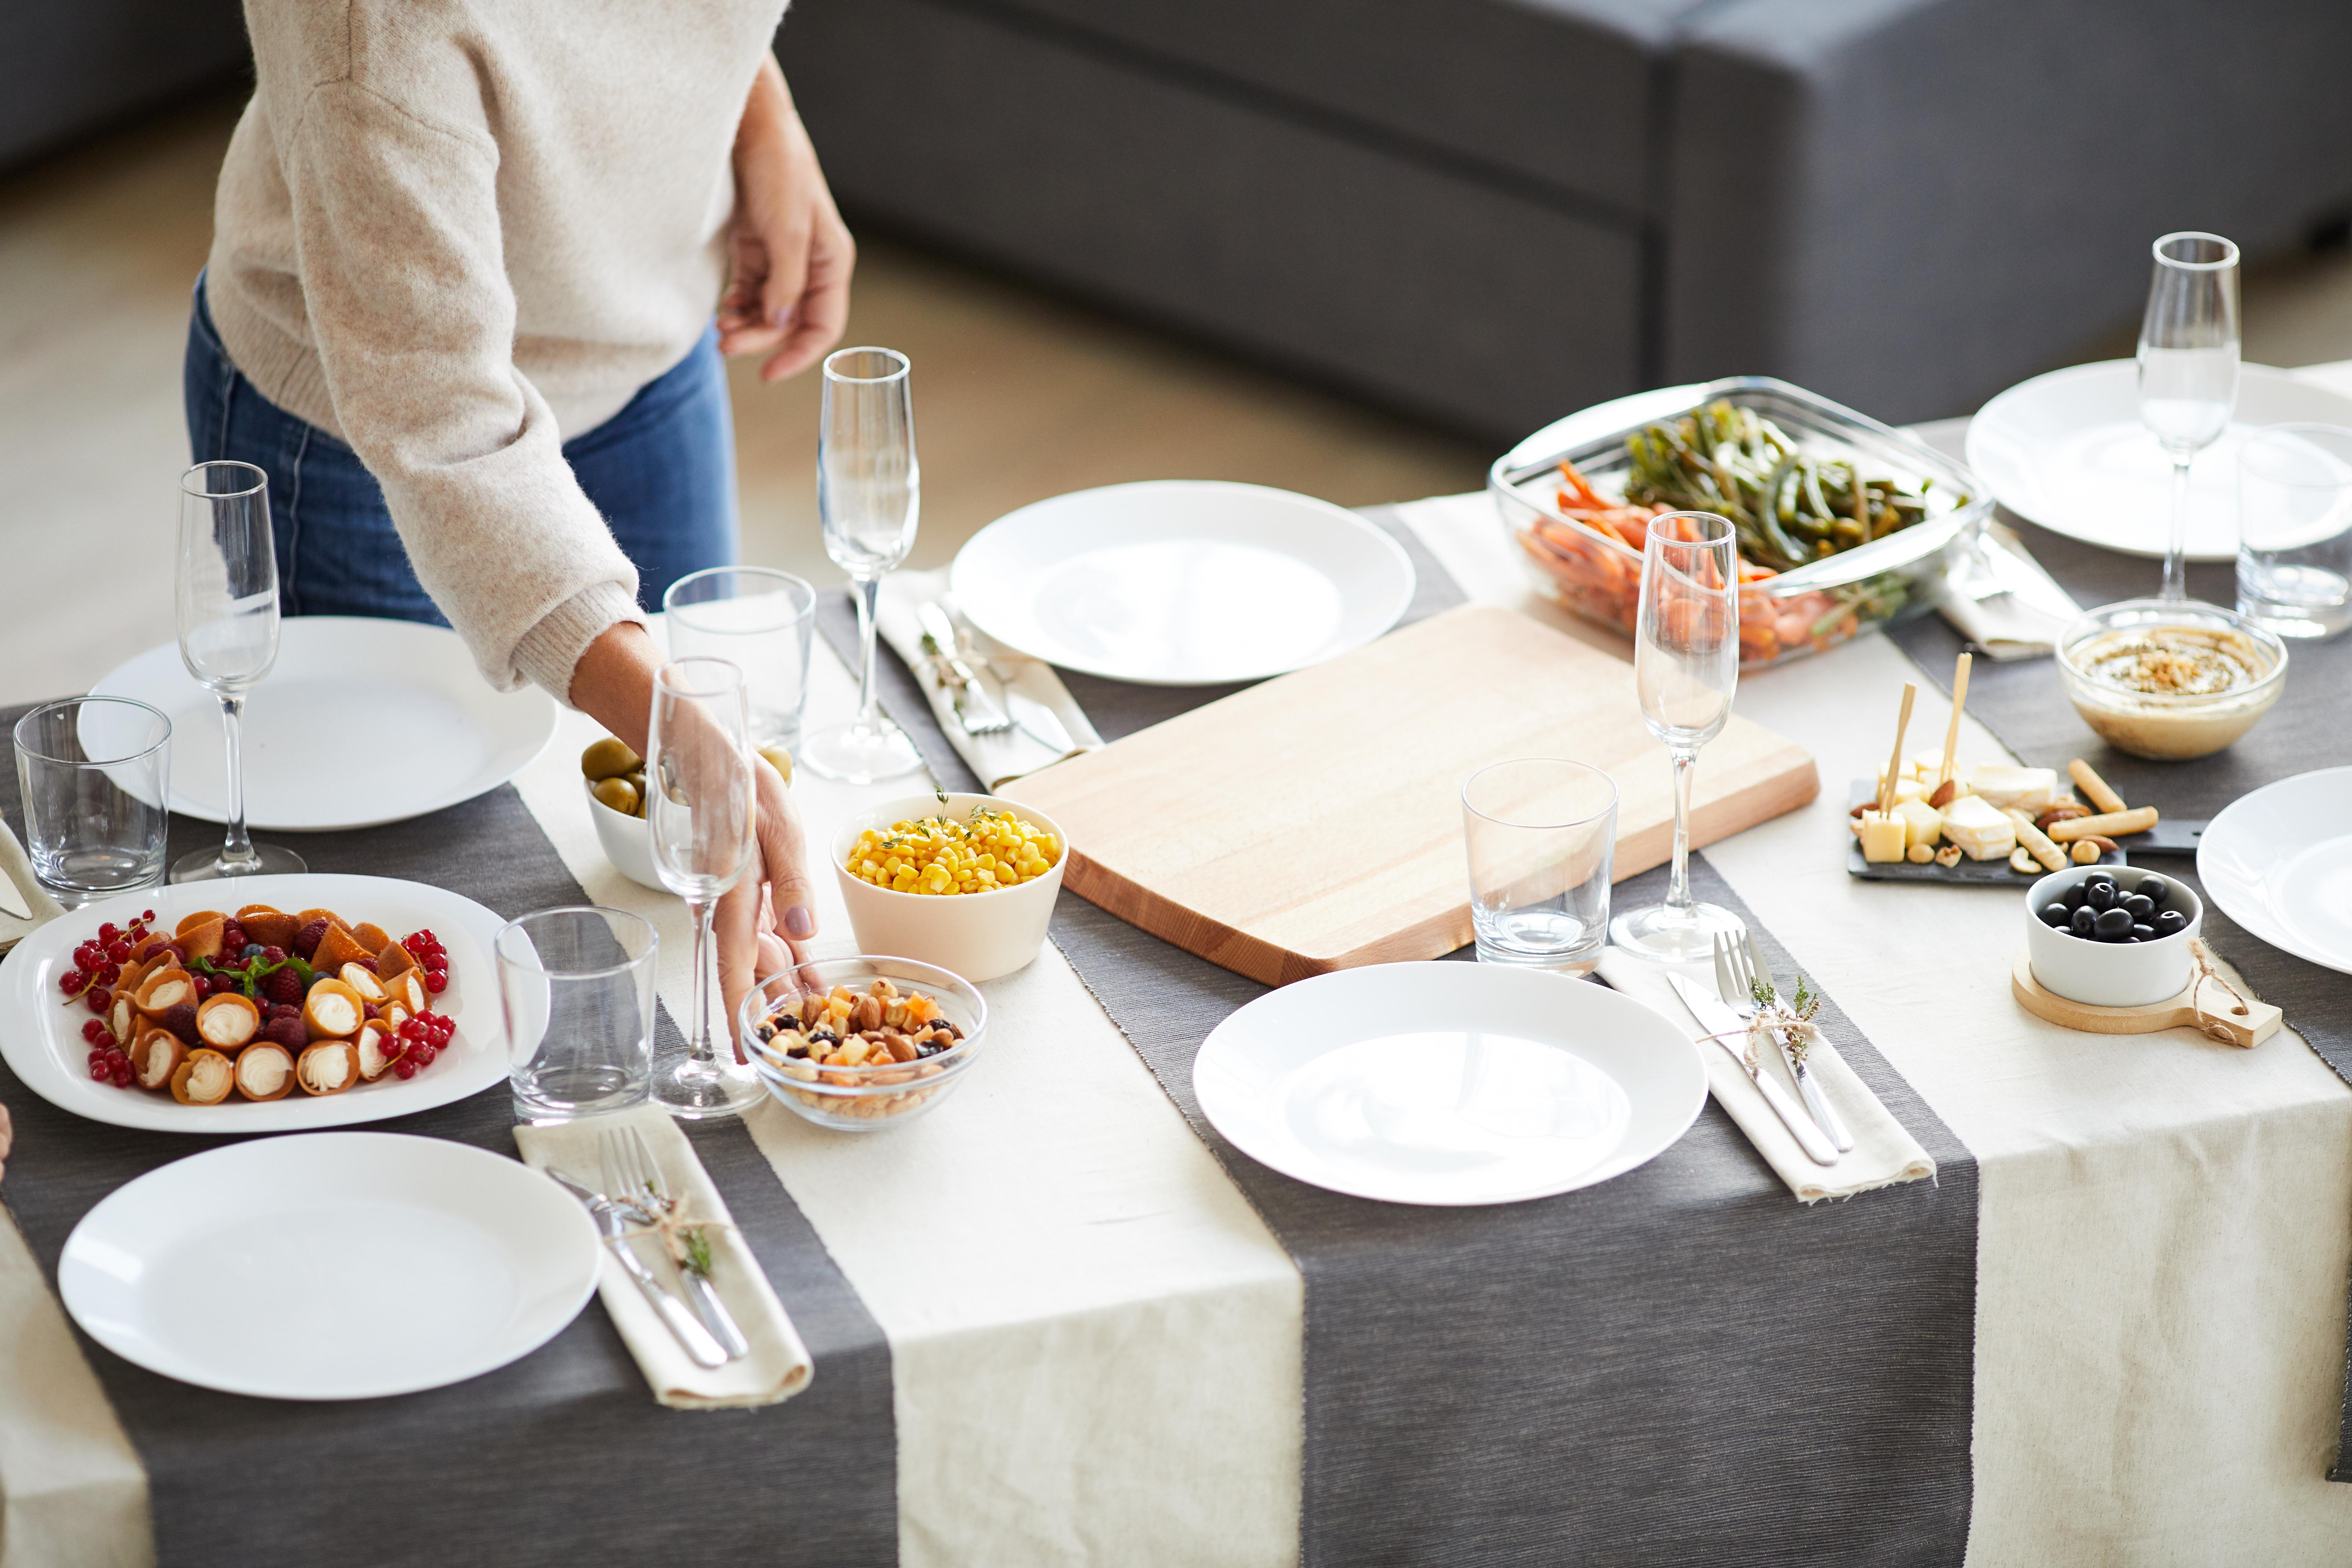 decoración mesa para cena entre amigos